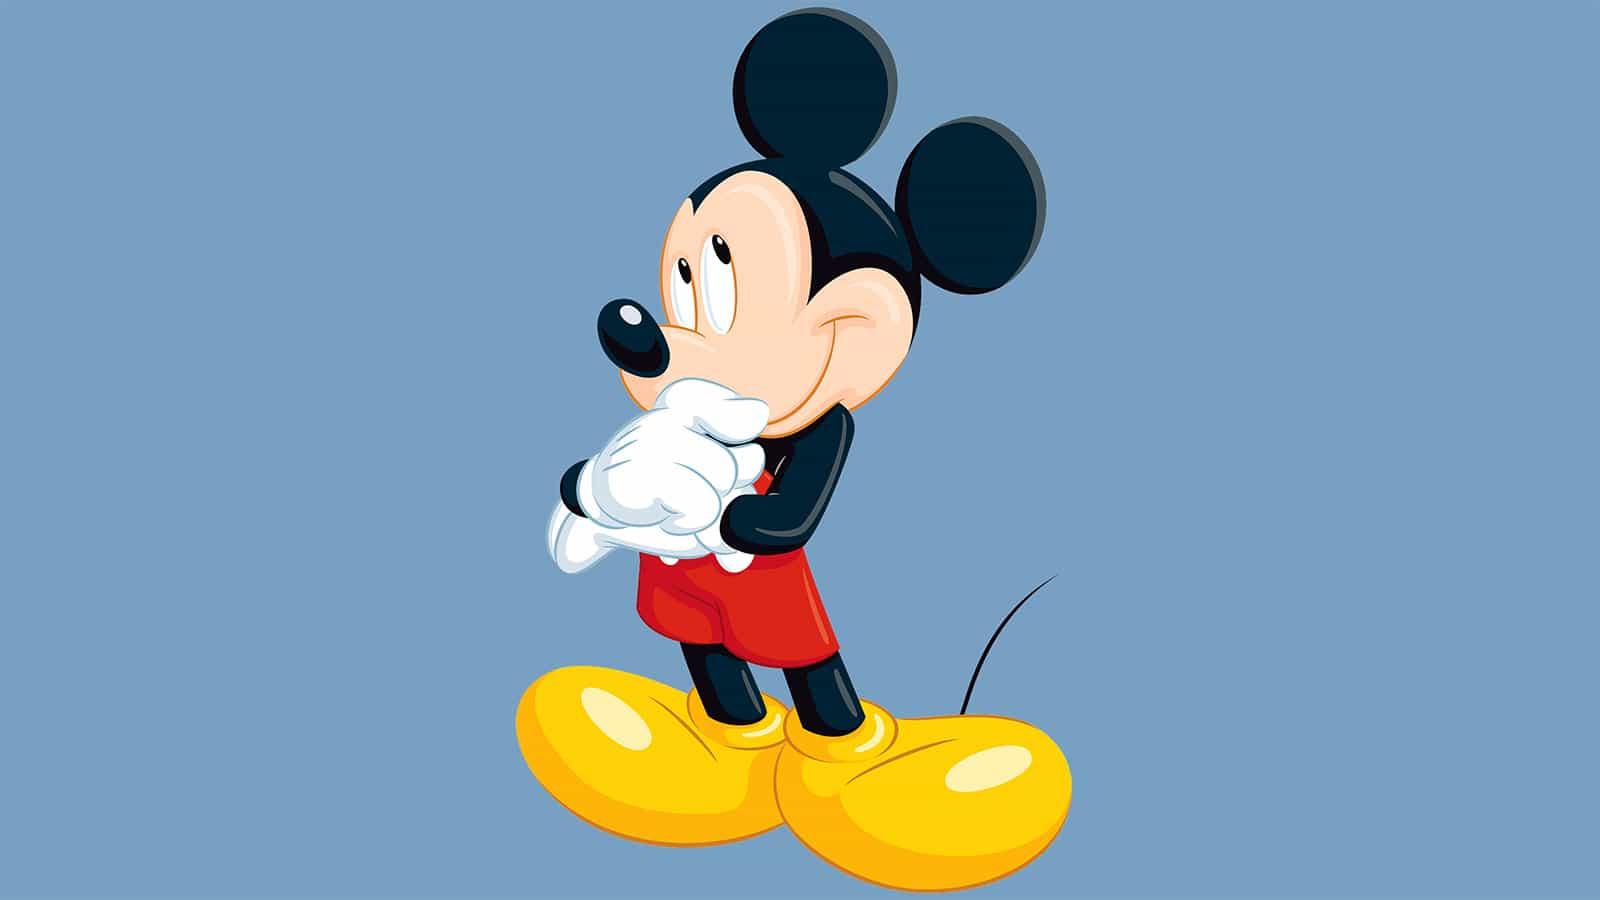 Mickey Mouse desde arriba sigue siendo lo más inquietante en línea